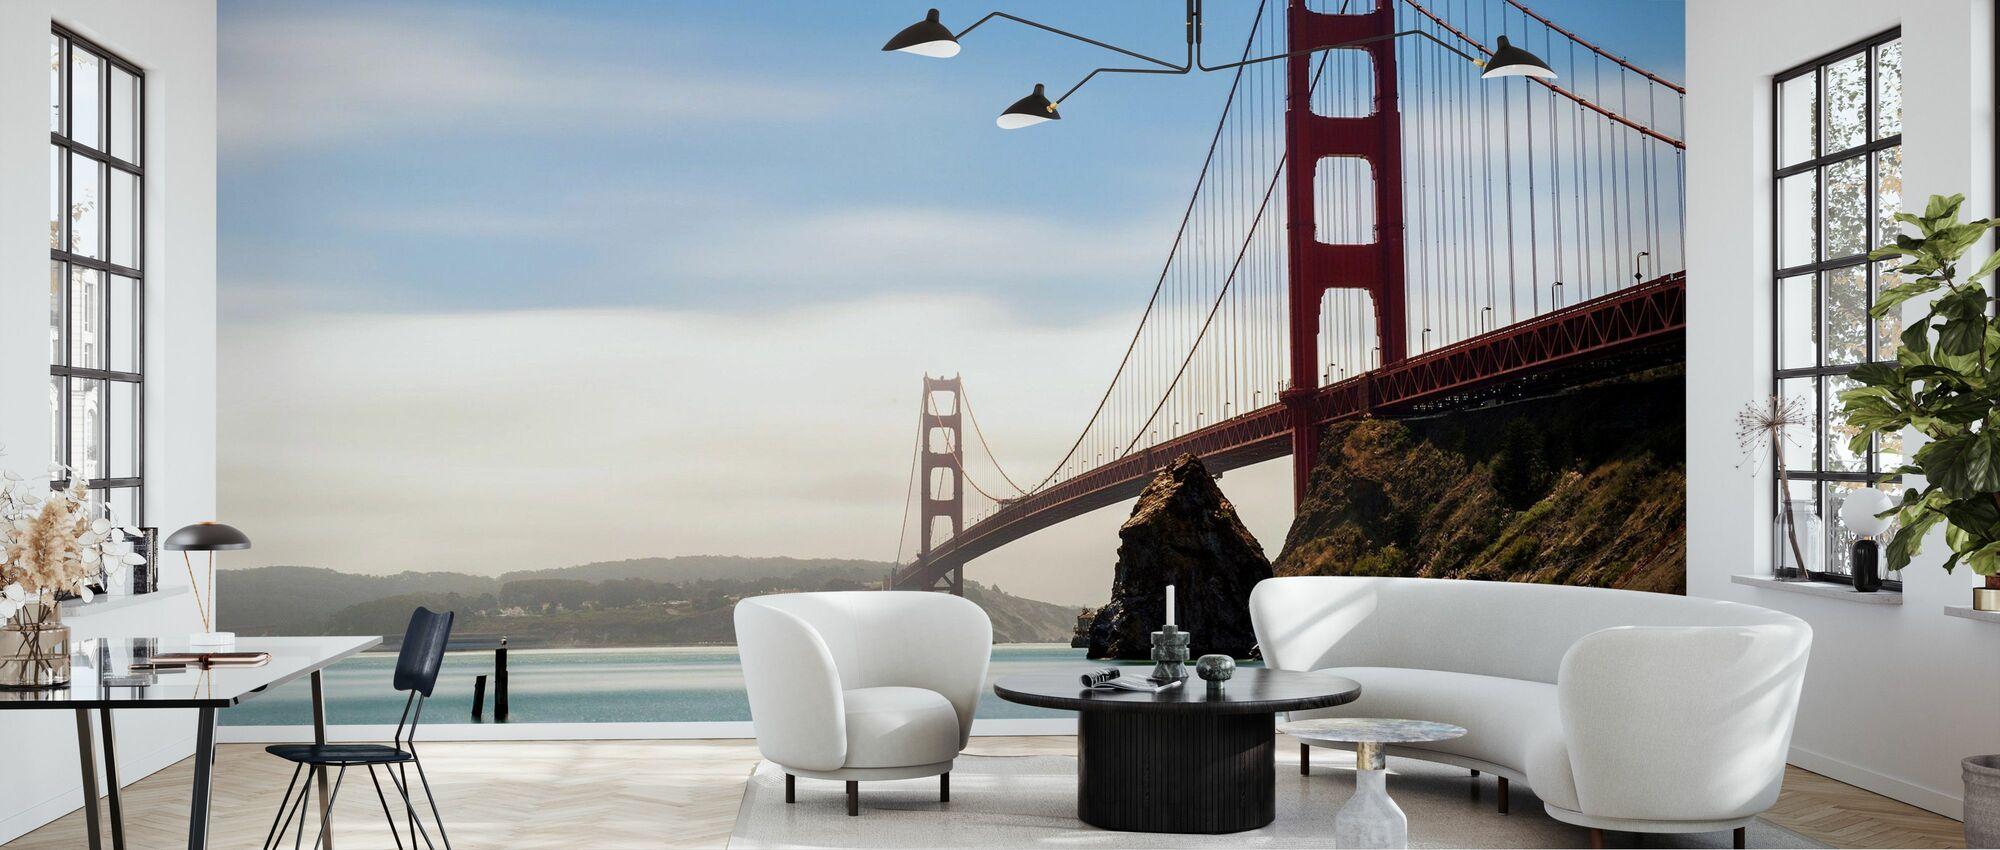 Longtime Exposure of the Golden Gate Bridge - Wallpaper - Living Room